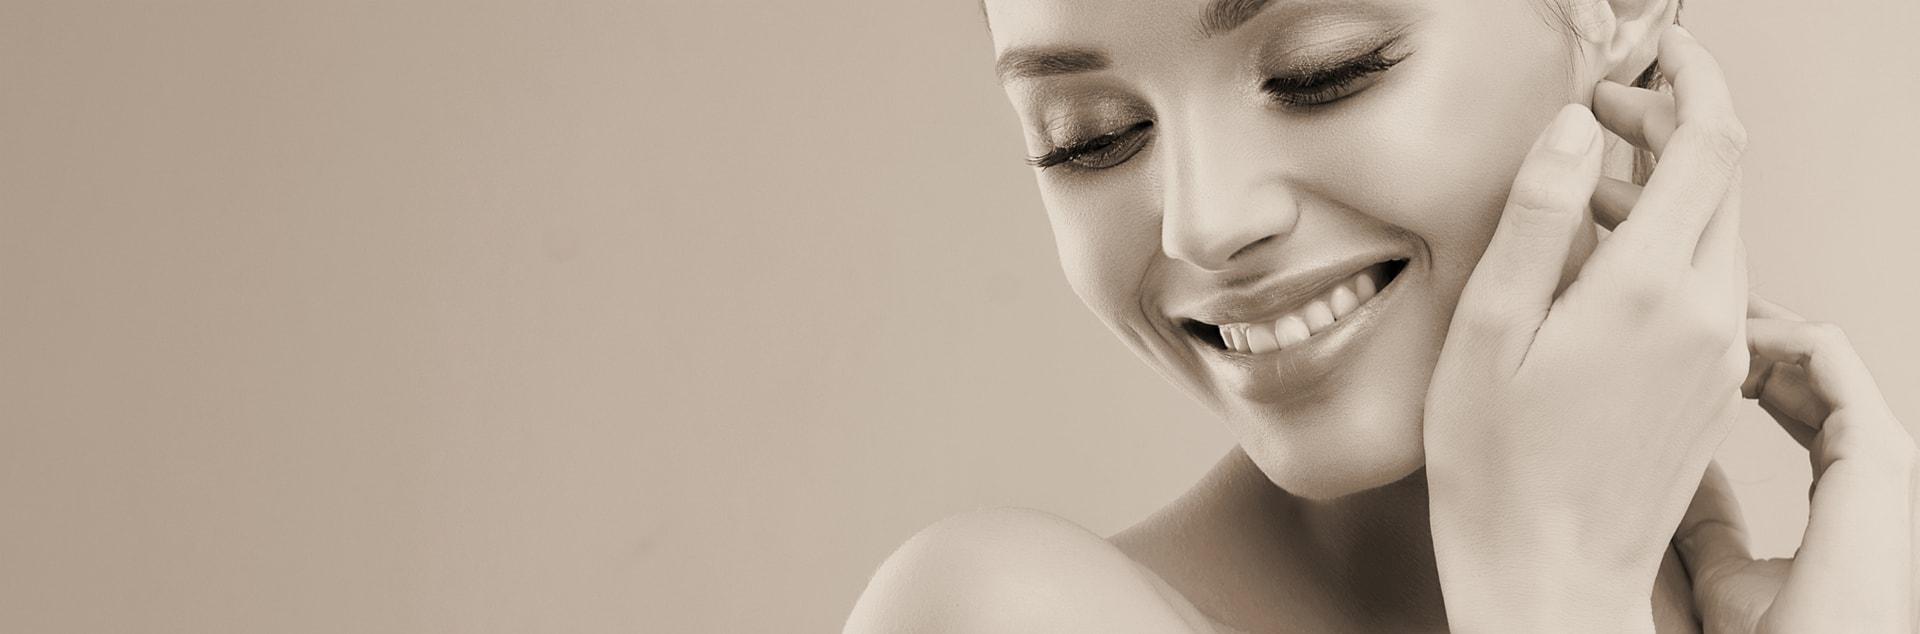 Doctor Charme esegue trattamento di biorivitalizzazione della pelle mediante iniezioni di acido ialuronico, vitamine e aminoacidi